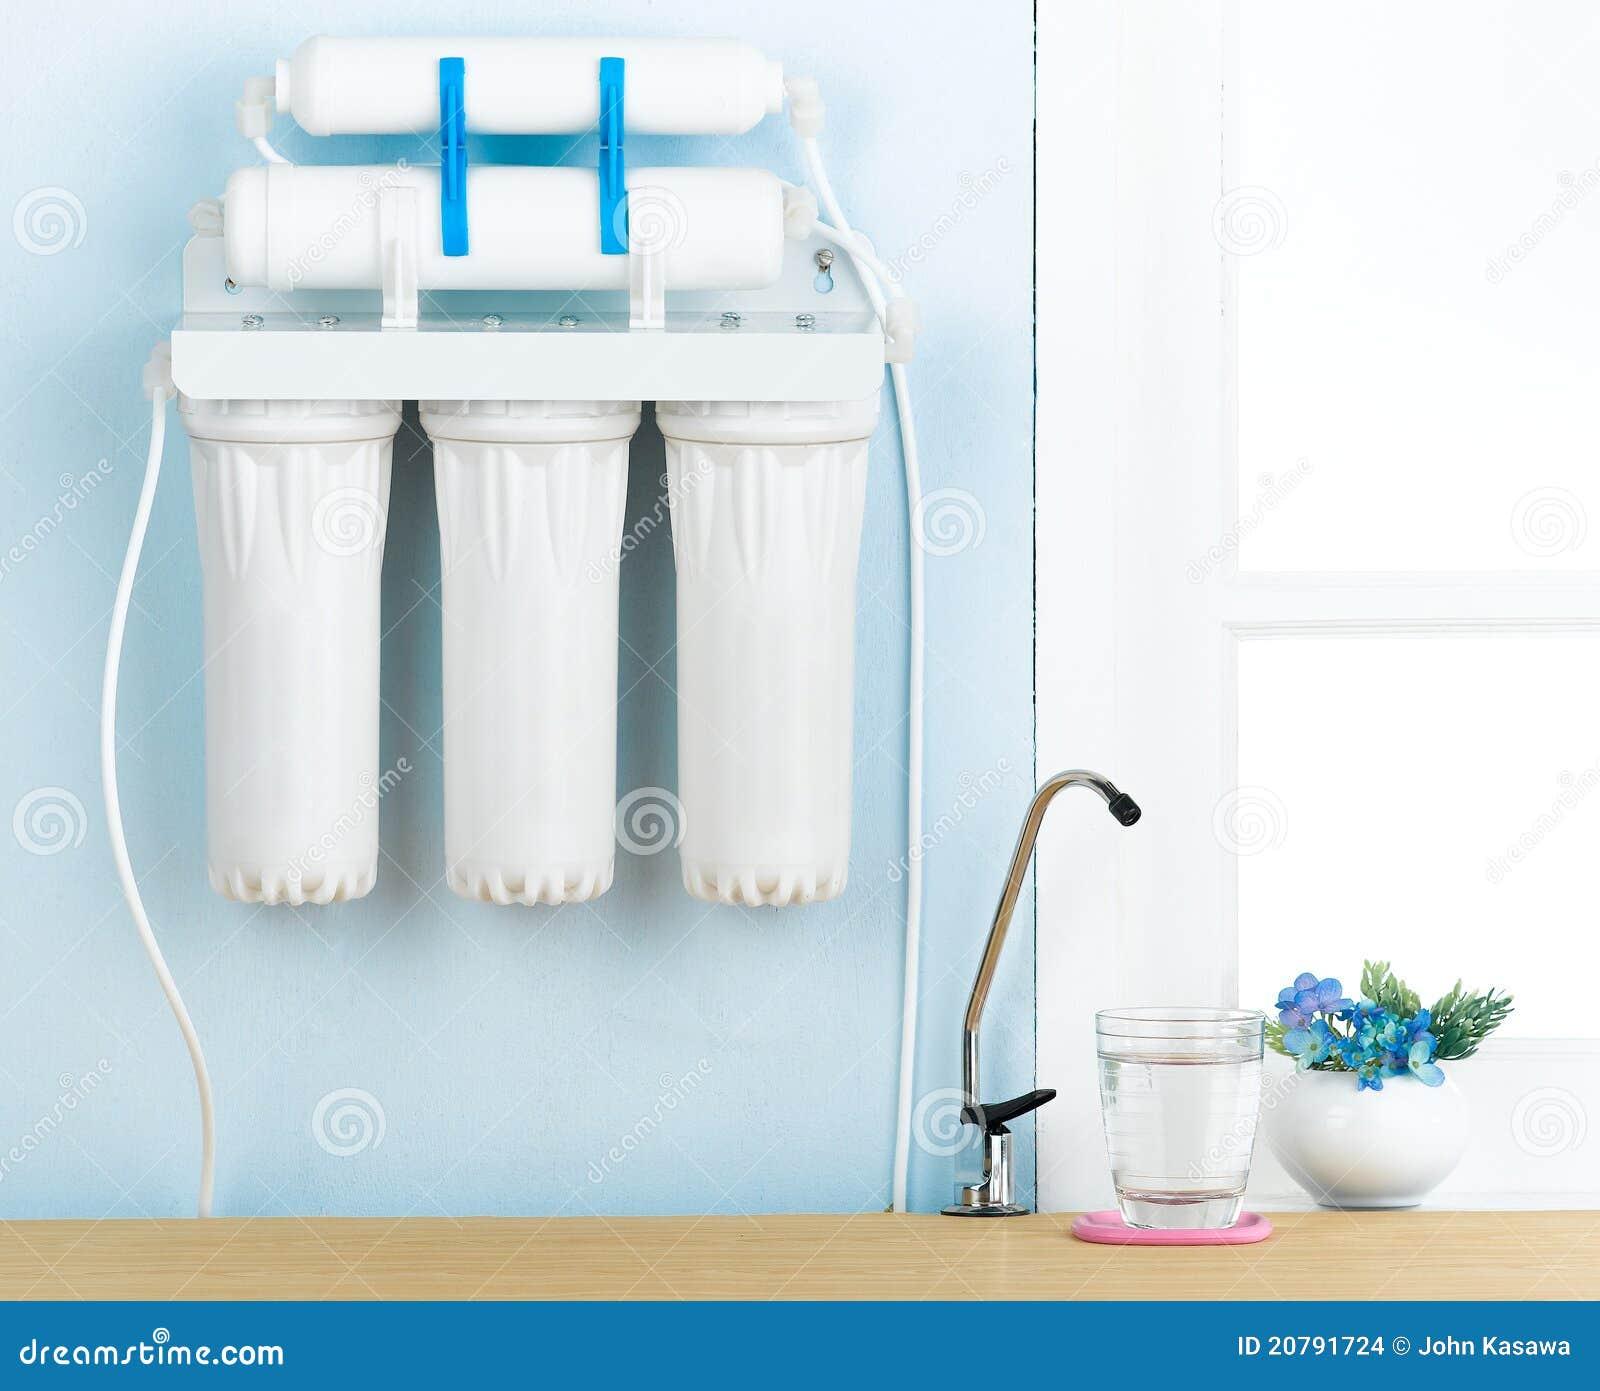 Filtro de água bebendo